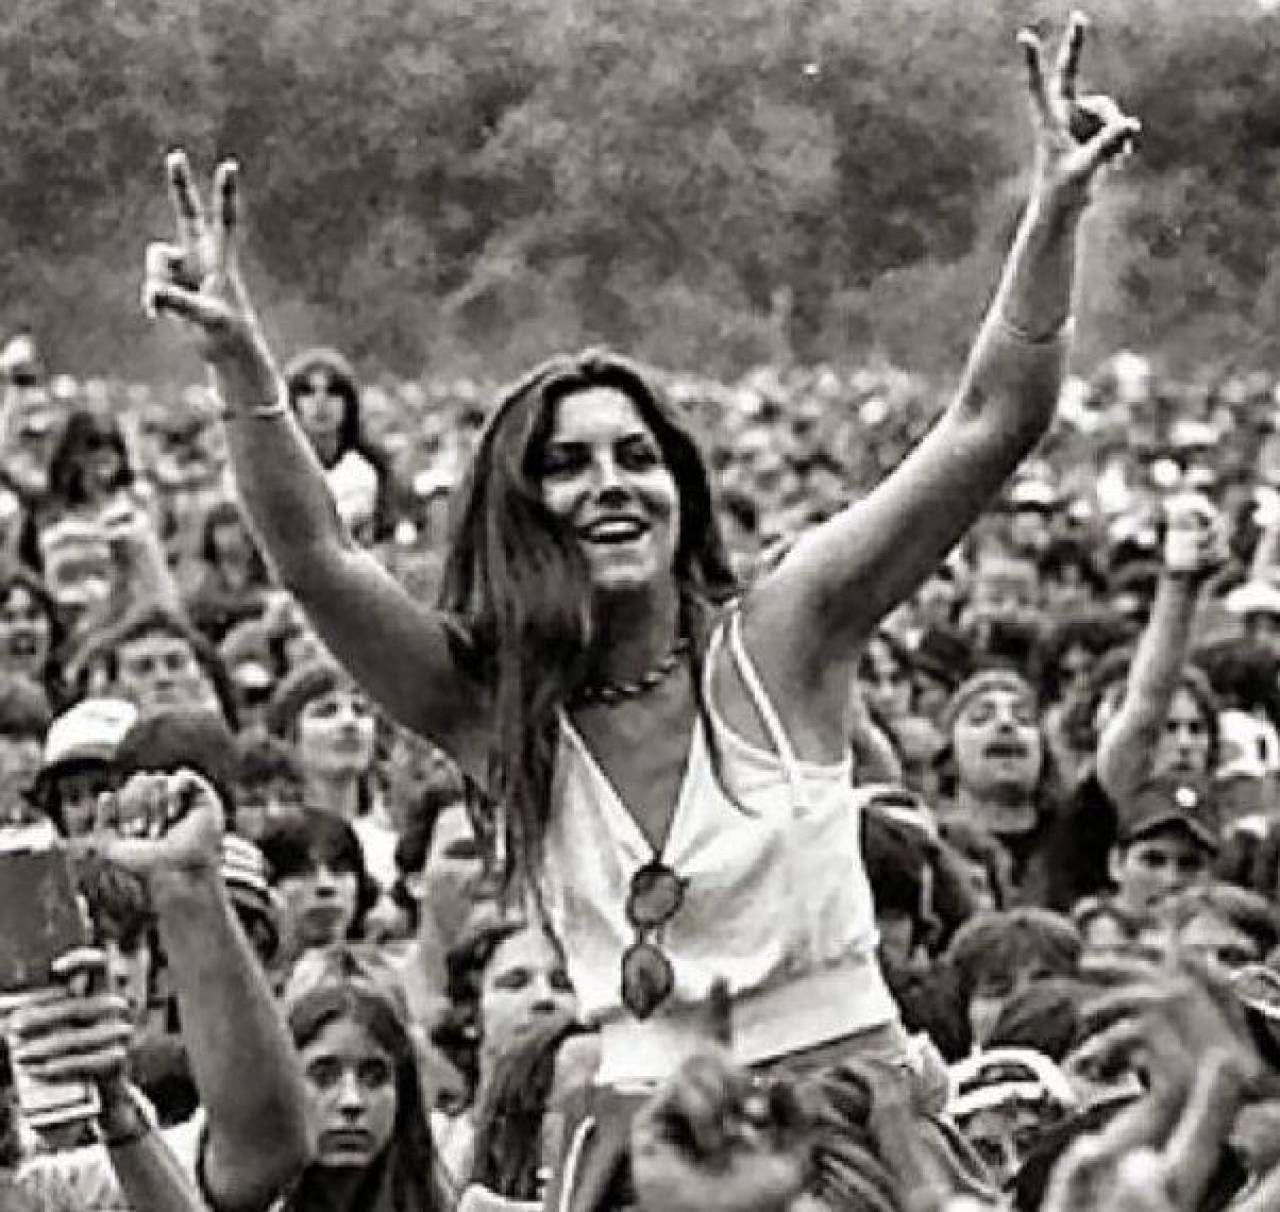 Il Festival di Woodstock (1969) viene celebrato come. il più grande raduno musicale della storia: 500mila gli spettatori